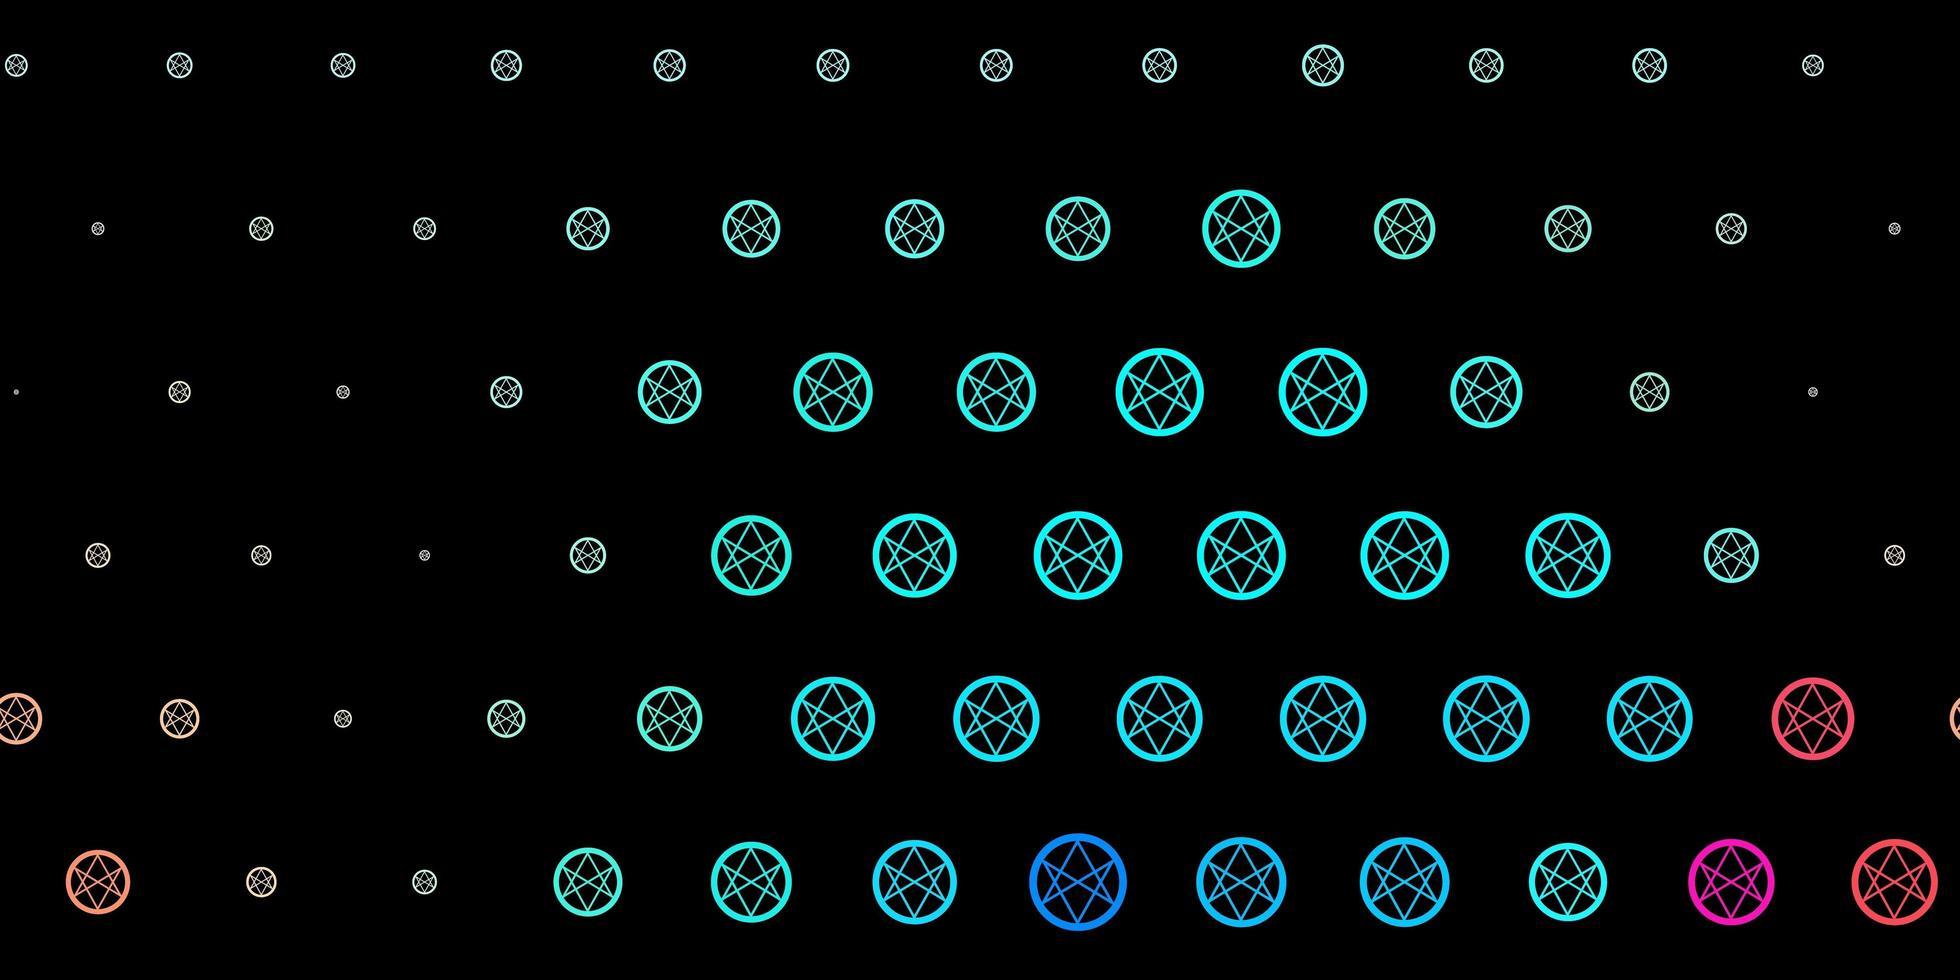 modelo de vetor azul e vermelho escuro com sinais esotéricos.